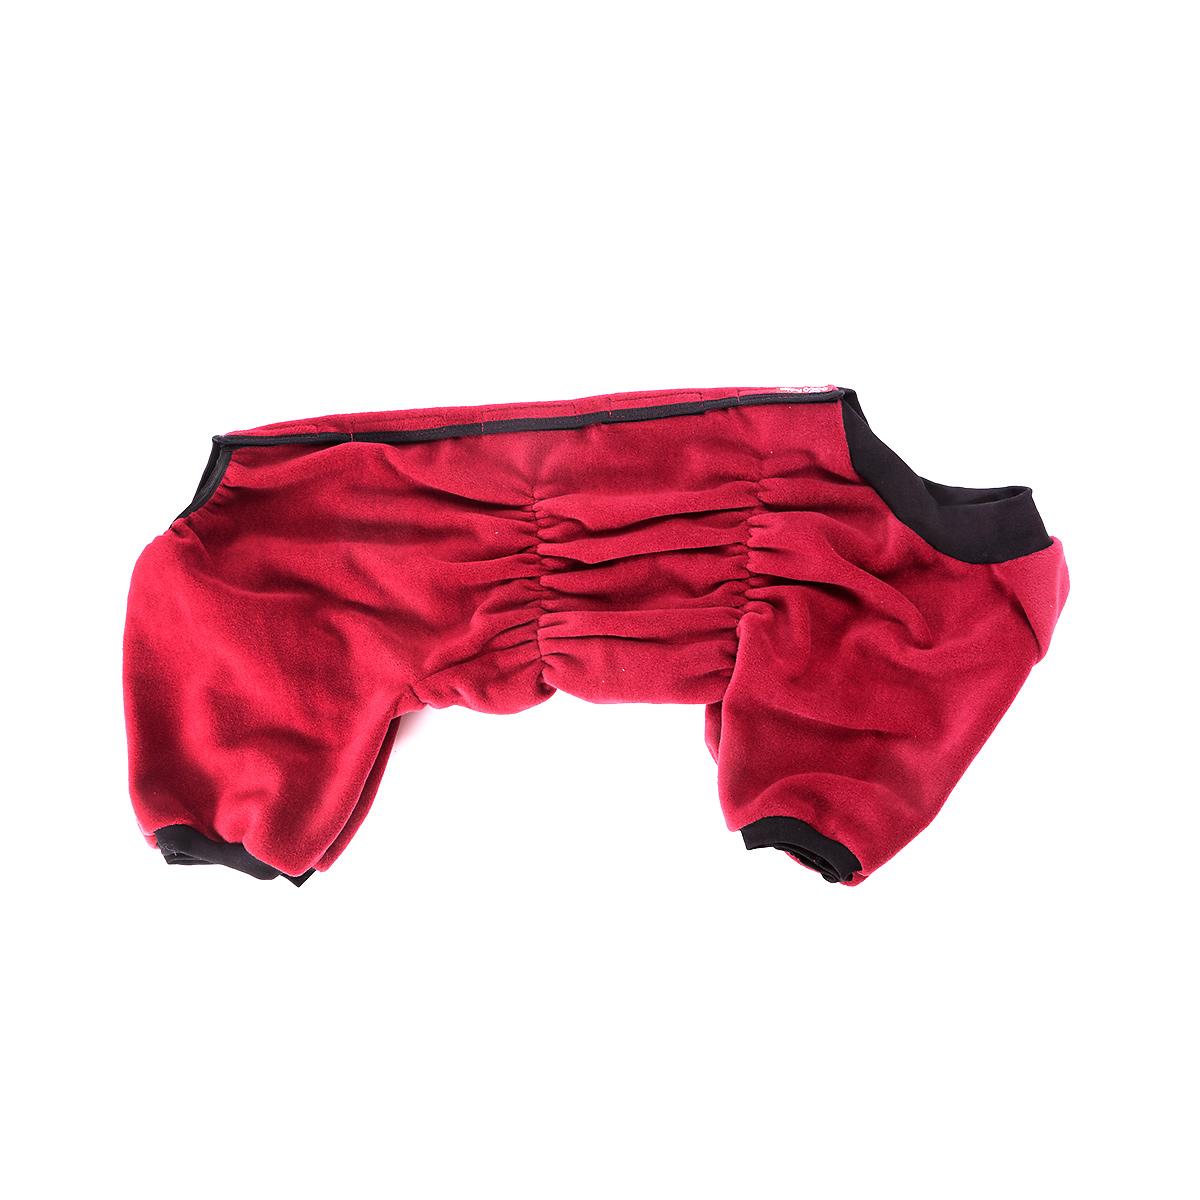 Комбинезон для собак OSSO Fashion, для девочки, цвет: бордовый. Размер 37Кк-1002Комбинезон для собак OSSO Fashion выполнен из флиса. Комфортная посадка по корпусу достигается за счет резинок-утяжек под грудью и животом. На воротнике имеются завязки, для дополнительной фиксации. Можно носить самостоятельно и как поддевку под комбинезон для собак. Изделие отлично стирается, быстро сохнет.Длина спинки: 37 см.Объем груди: 50-60 см.